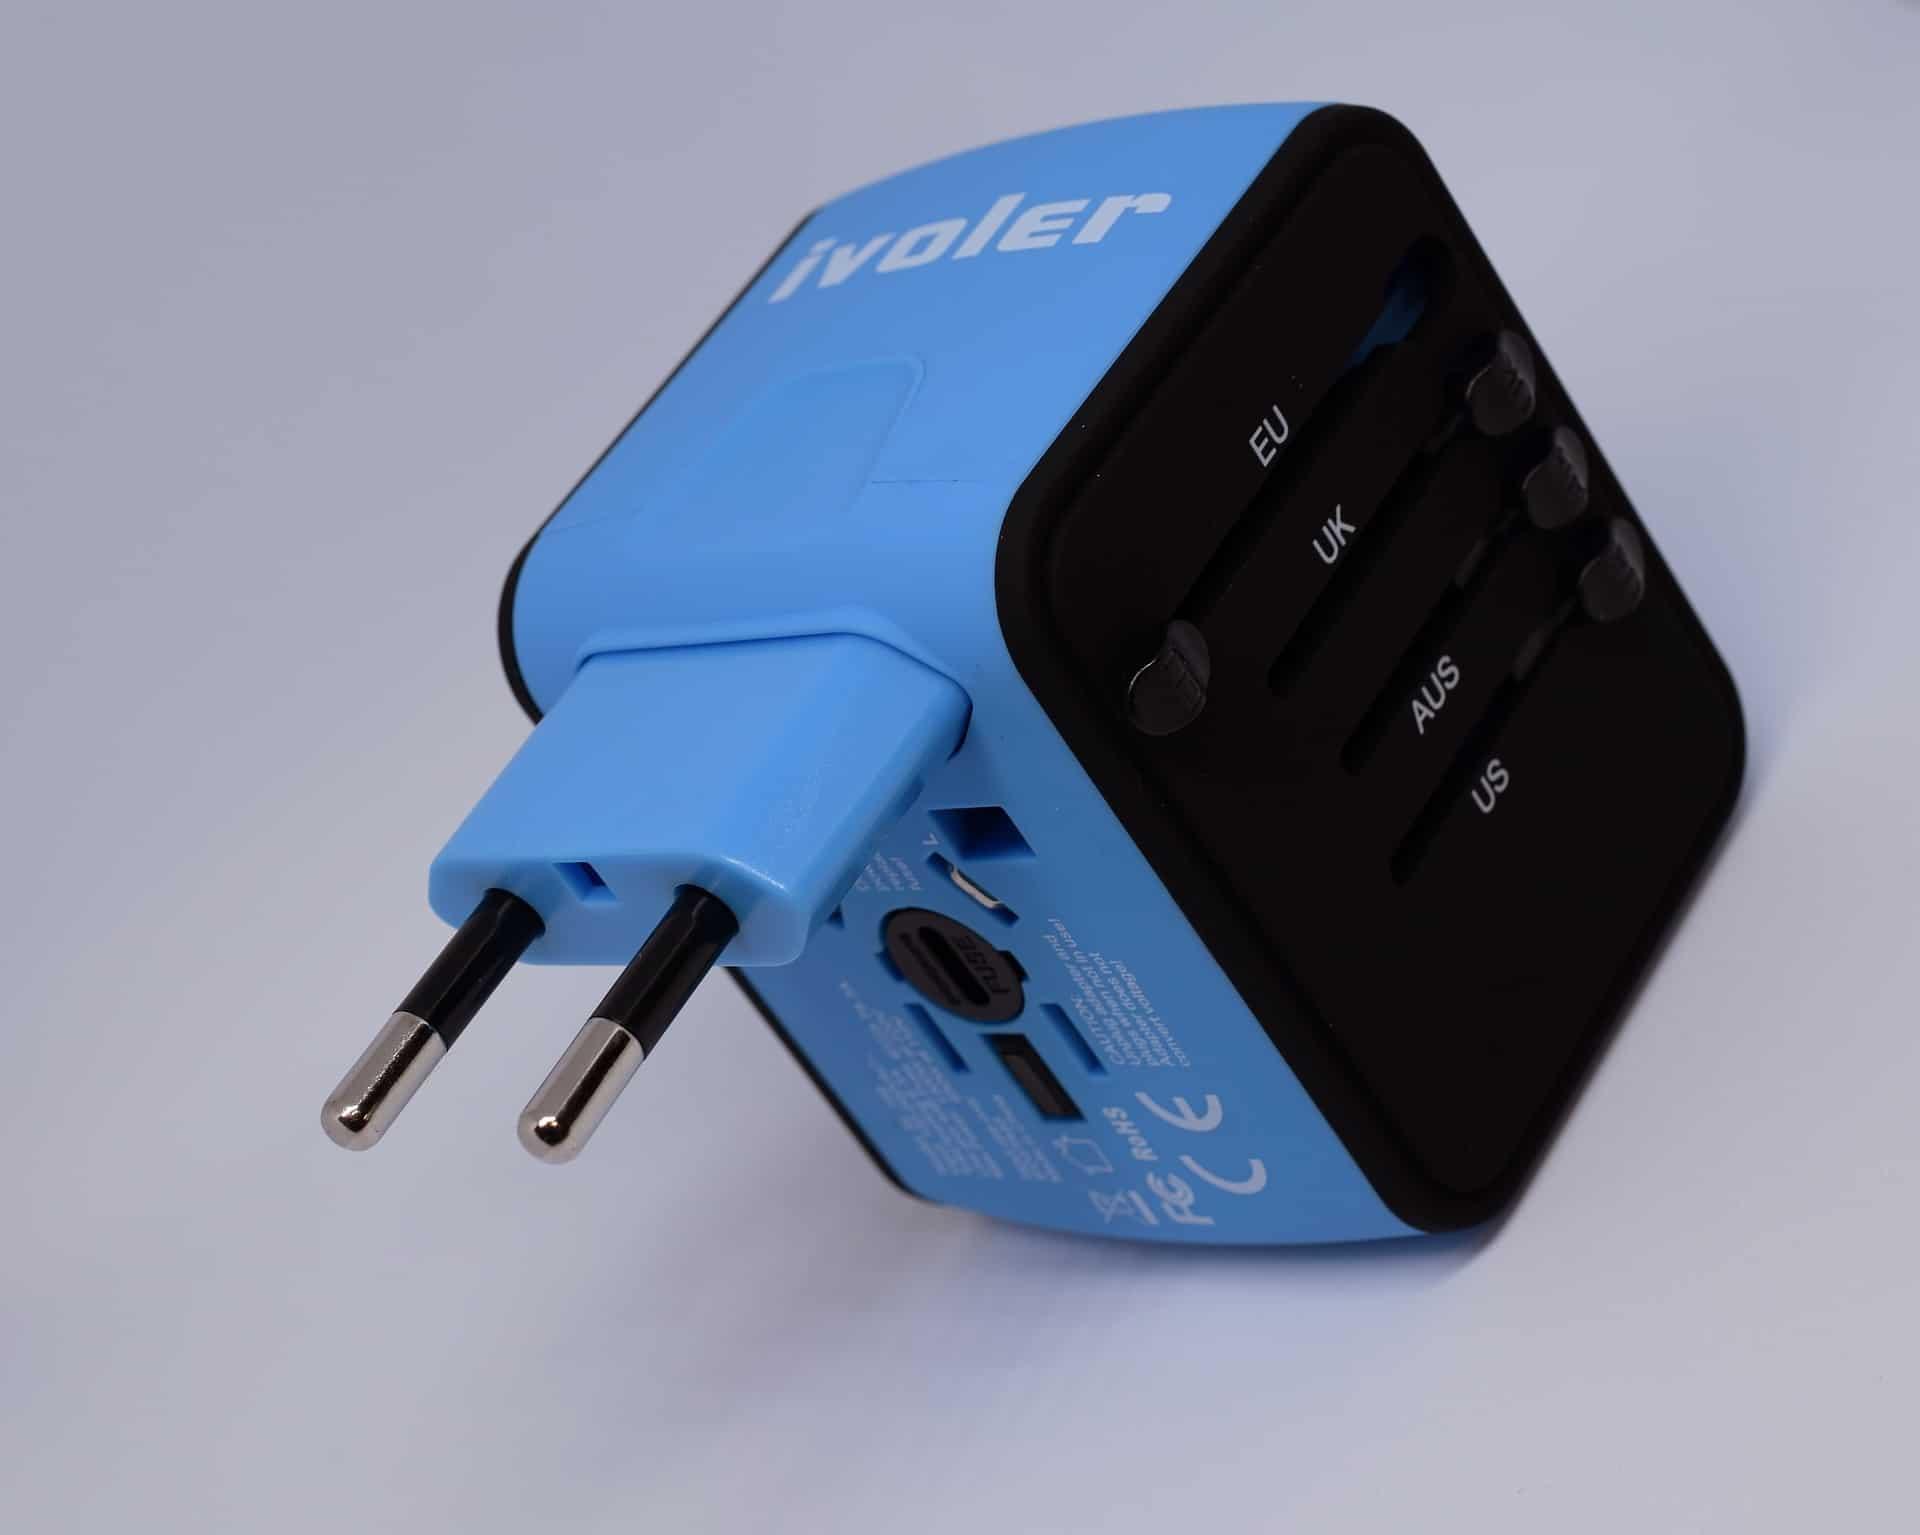 Adaptador universal de cor azul e preta.